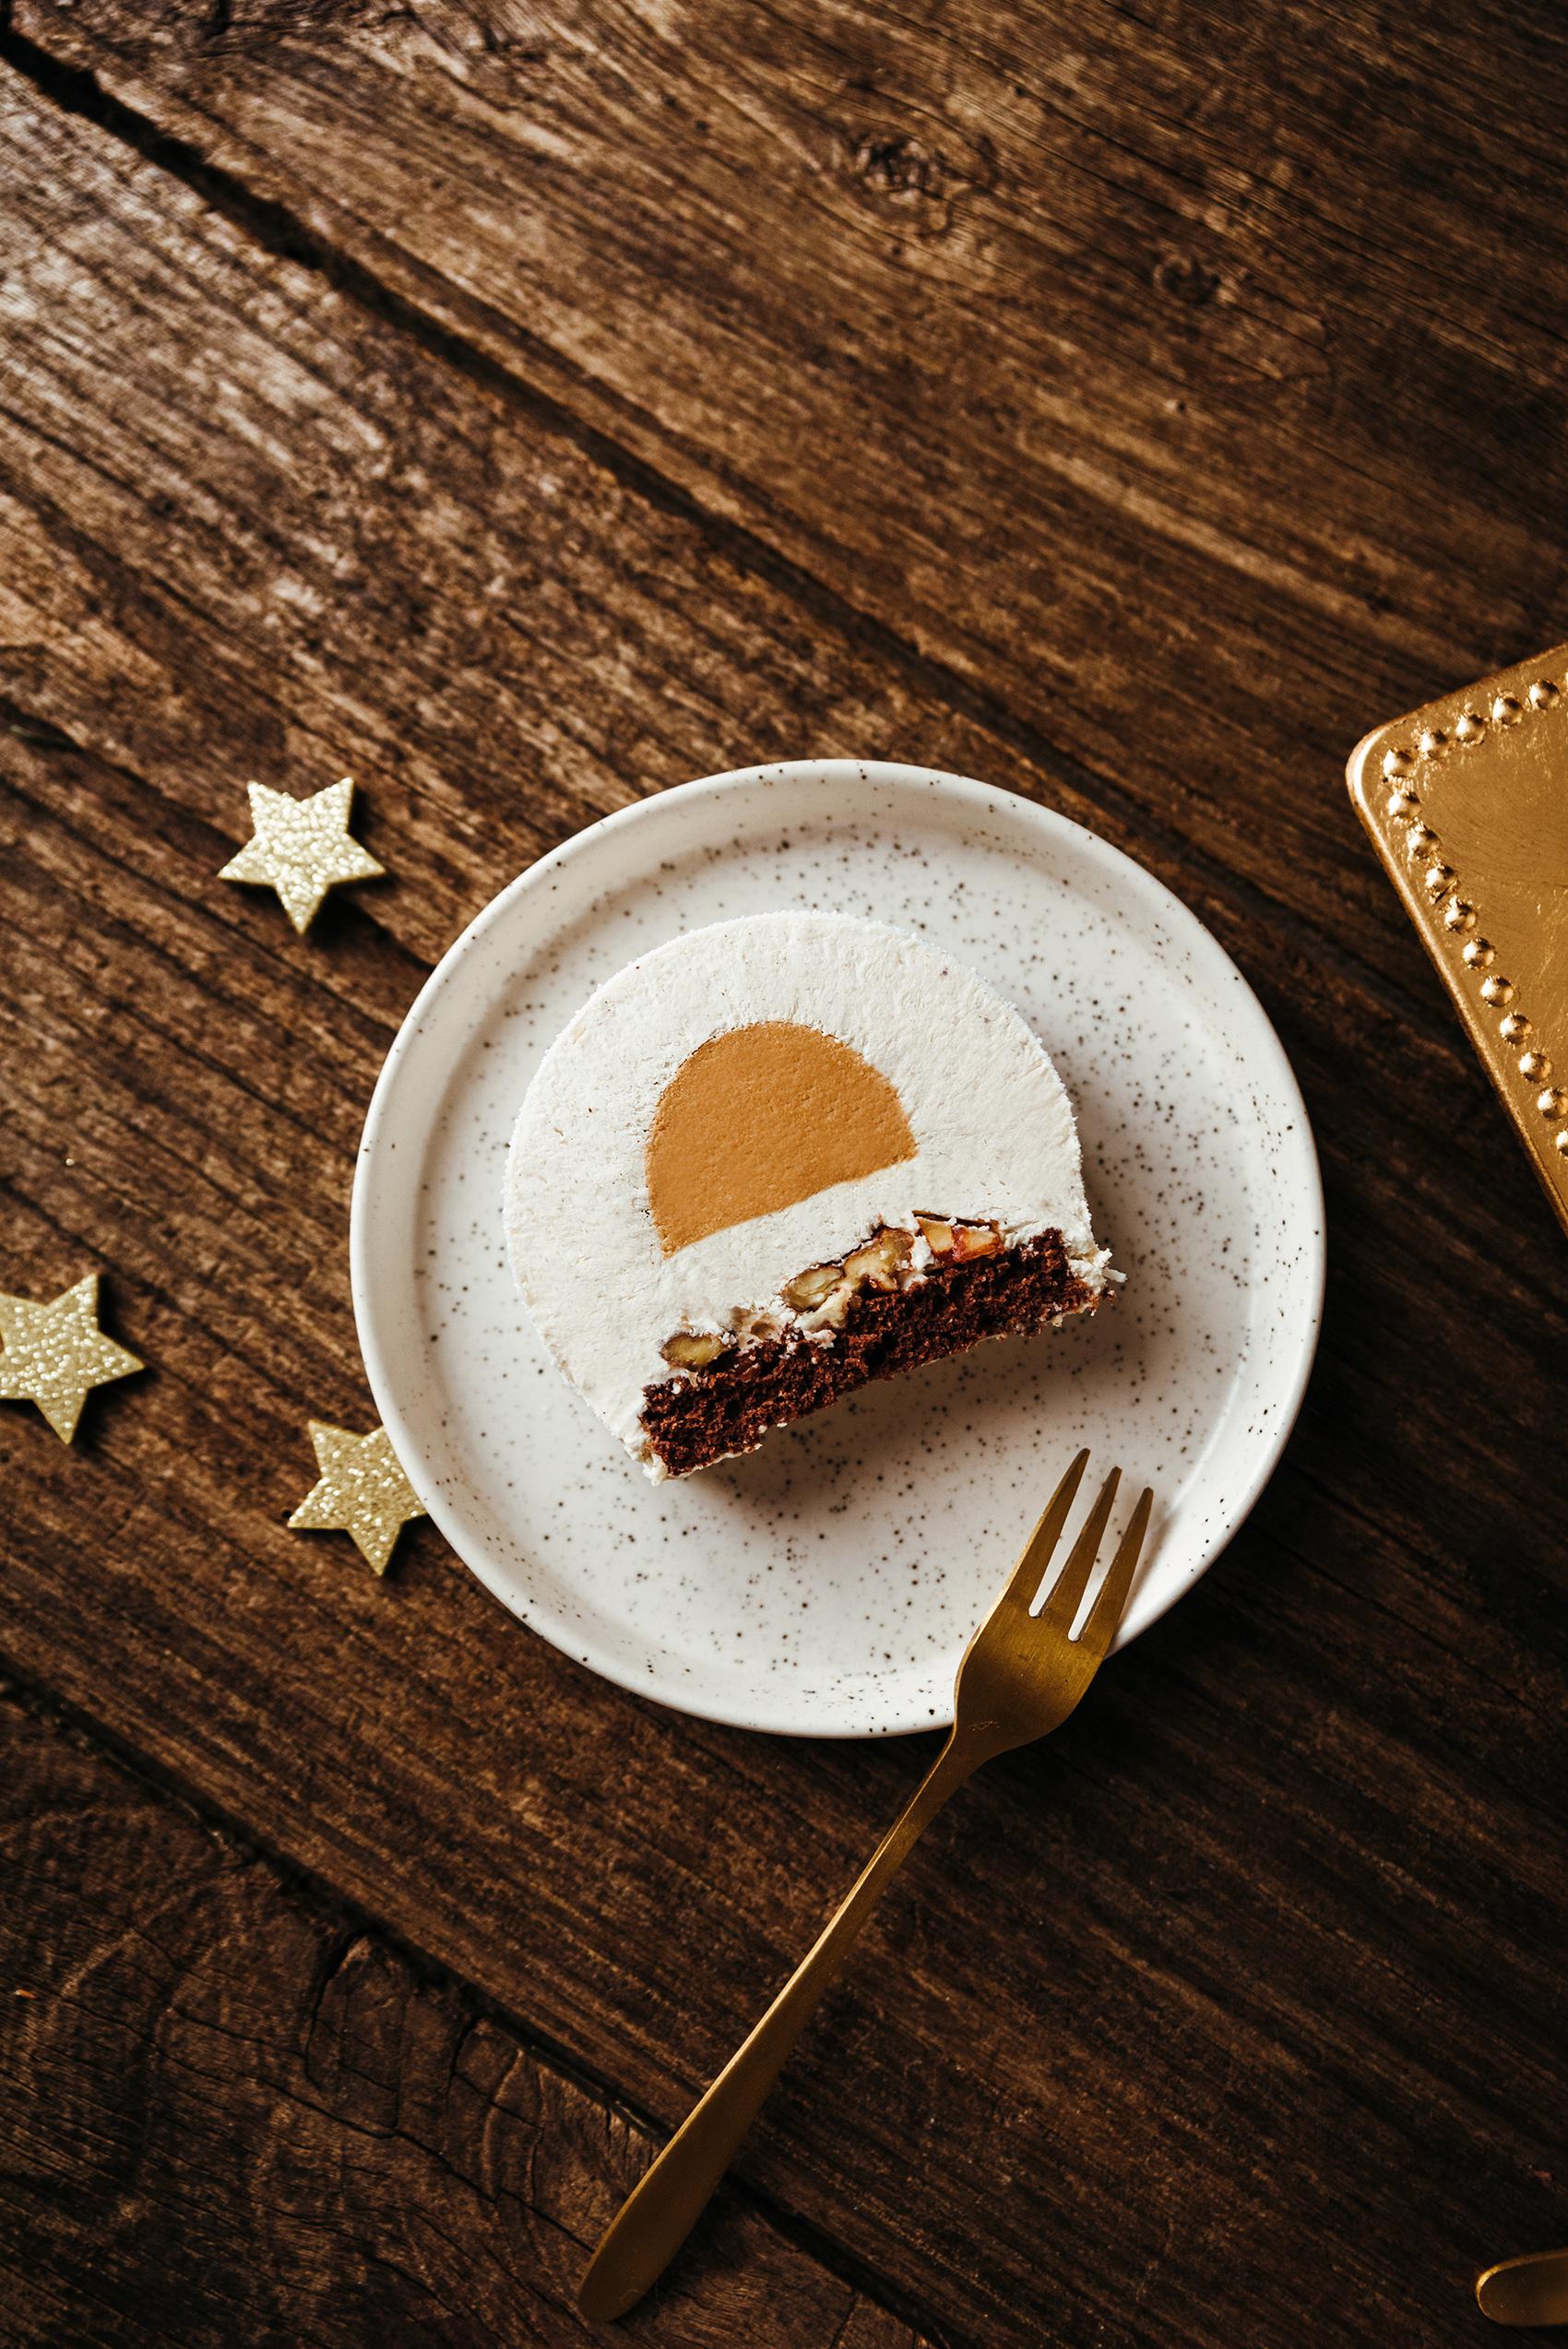 Bûche noël mousse vanille chocolat blanc caramel part coupée - Lilie Bakery